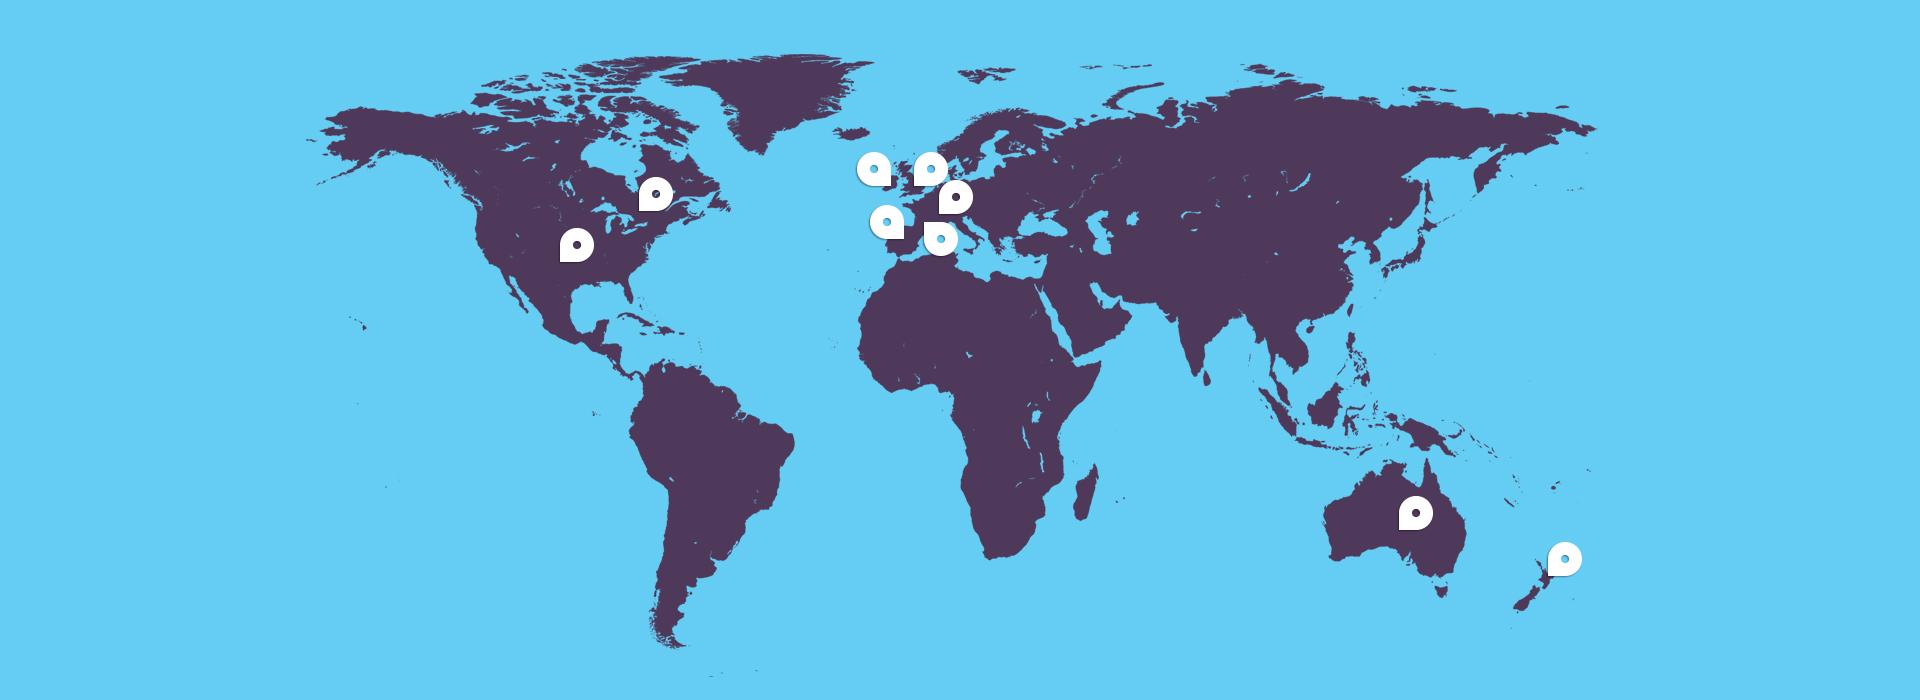 Dove Studiare all'estero - Destinazioni Anno all'estero, Diploma all'estero, Università all'estero con EduPlacements